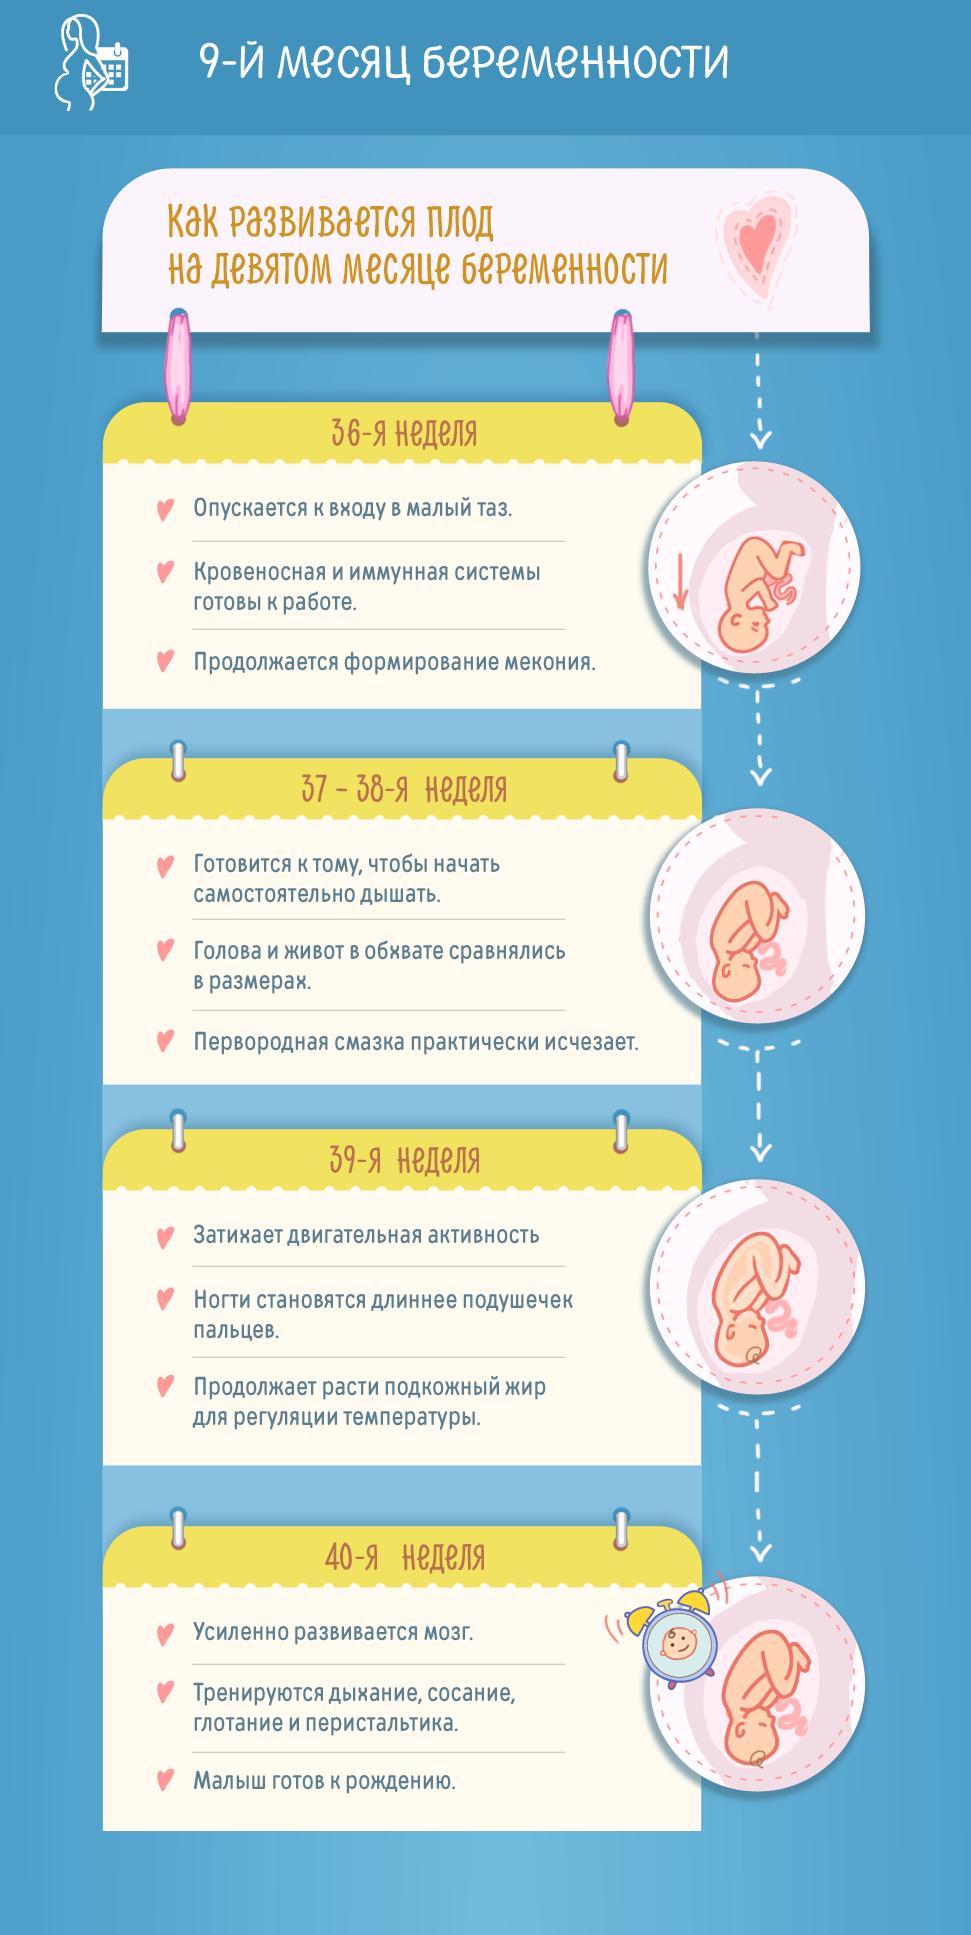 9-й месяц беременности: изменения в женском организме и развитие плода по неделям